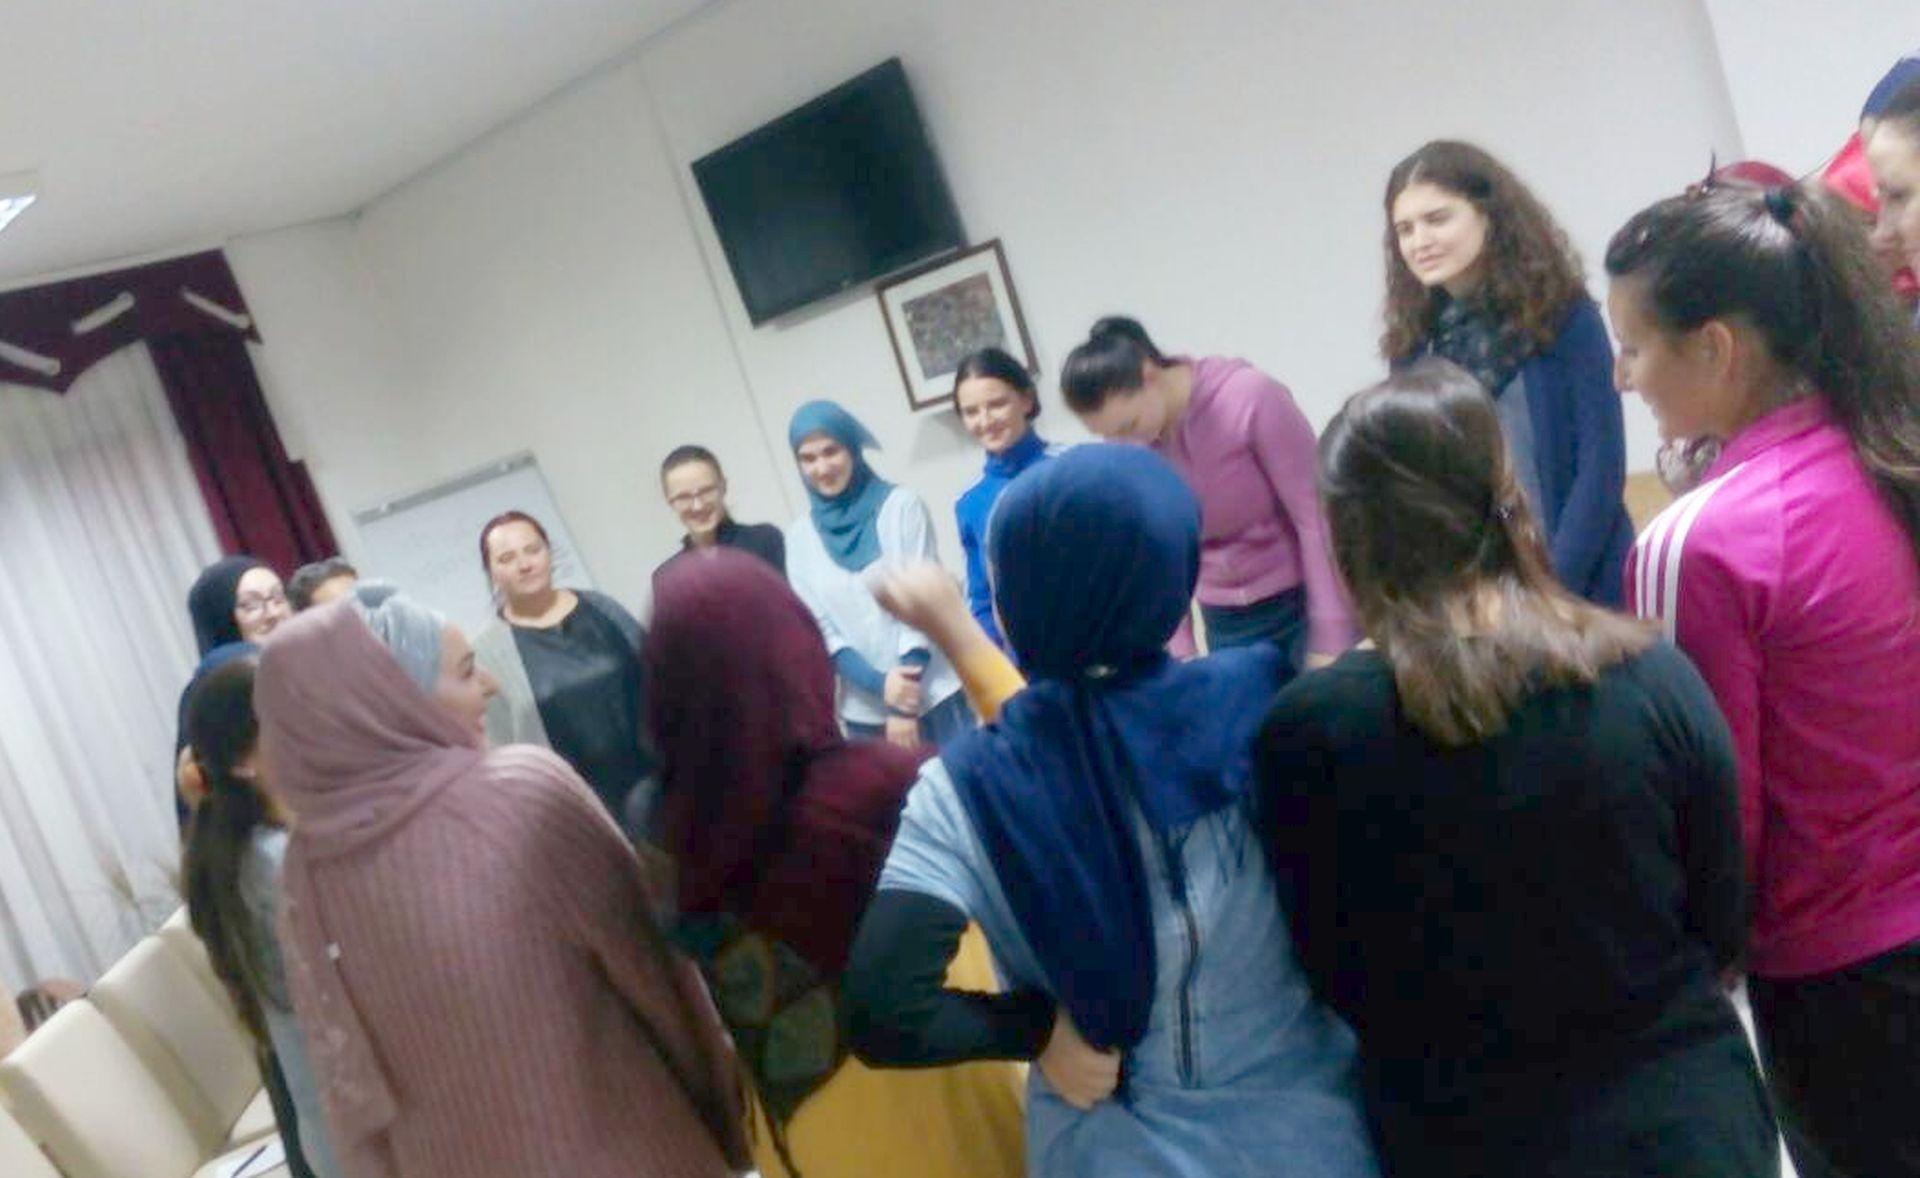 Amra Pandzo 2017 Fondacija Izvor nade - serija radionca